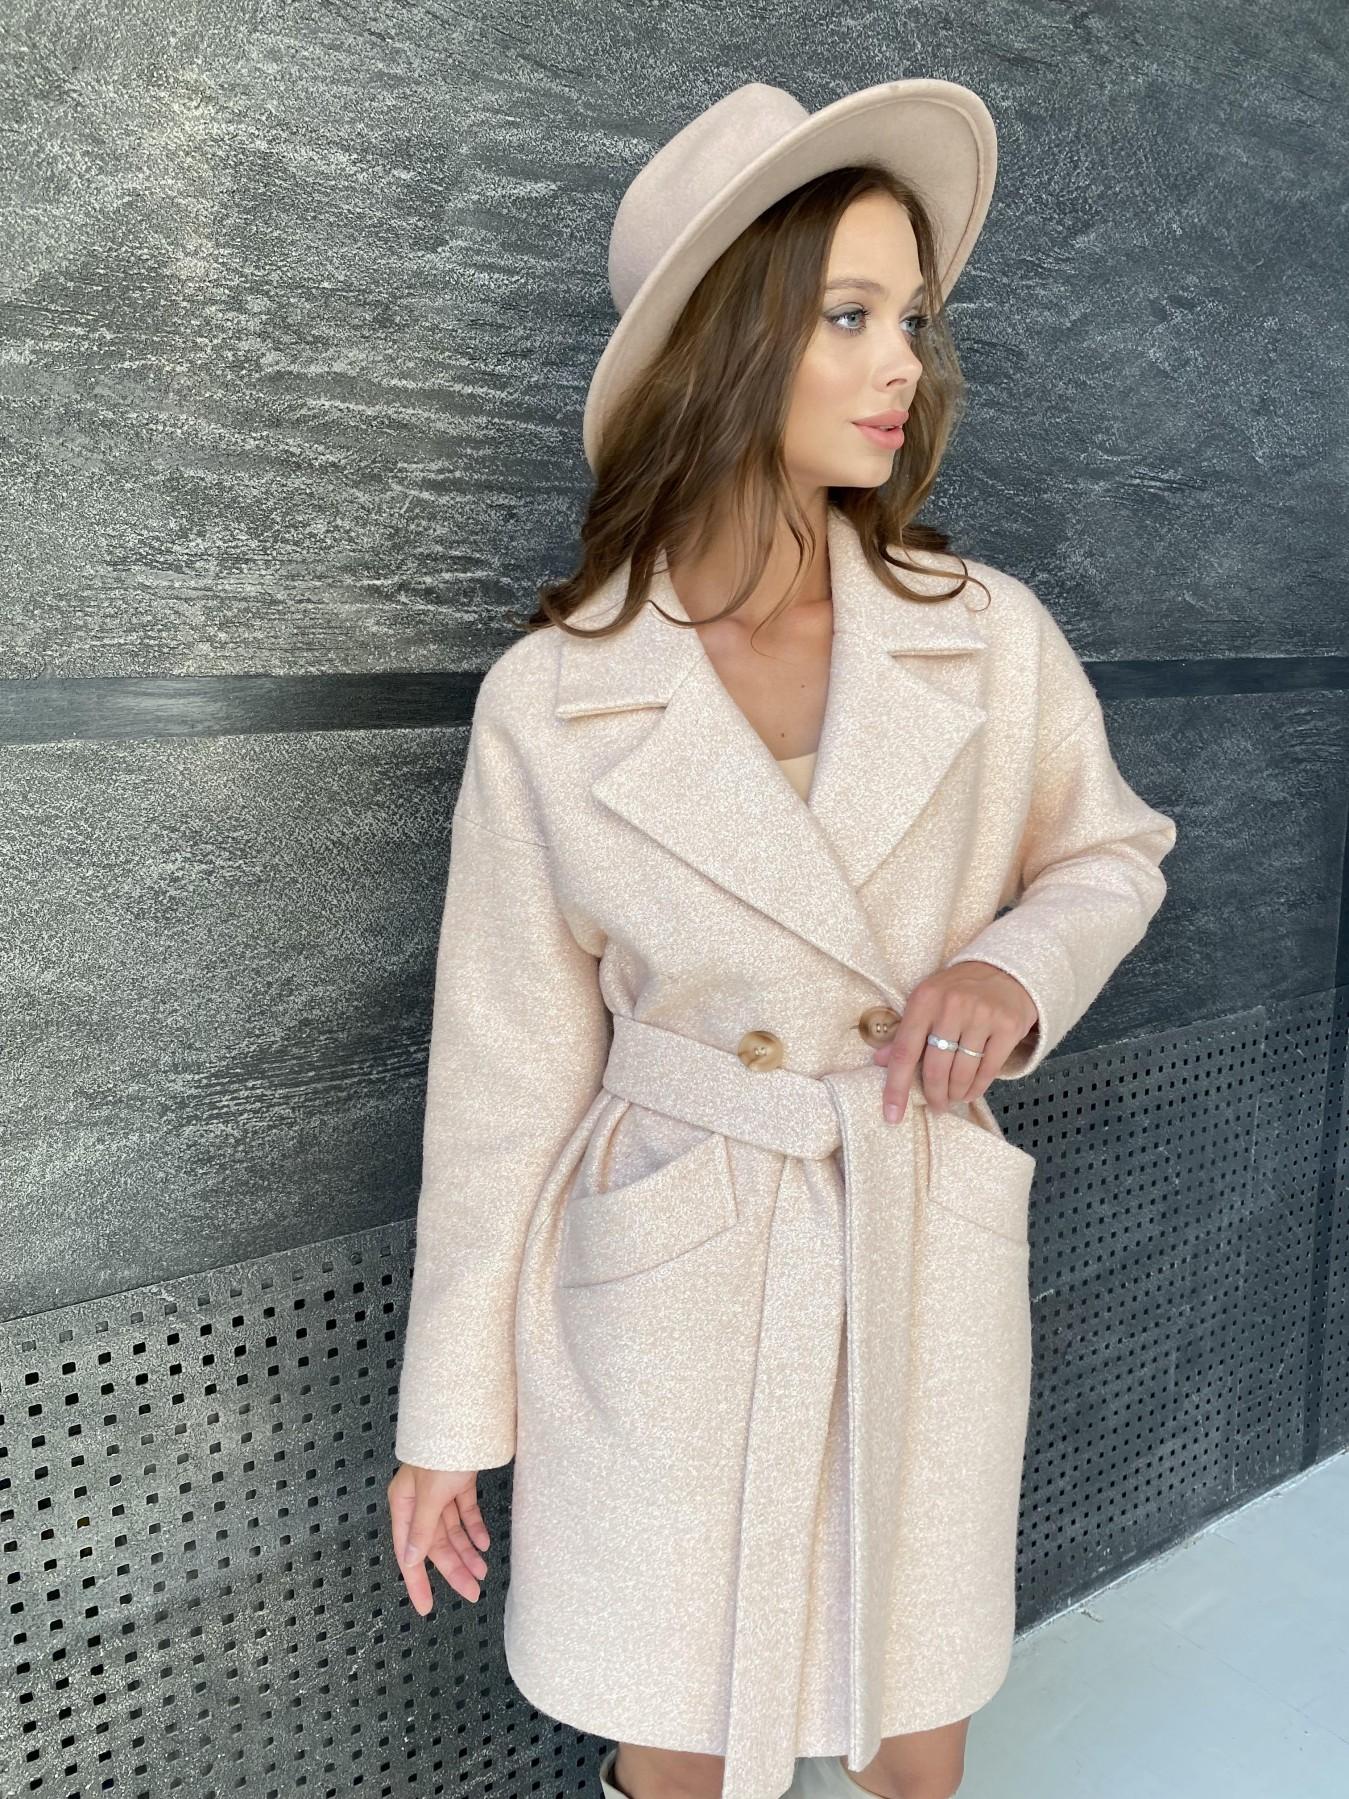 Сенсей пальто  шерсть букле мелкое пальтовая ткань 11647 АРТ. 48355 Цвет: Бежевый 30 - фото 5, интернет магазин tm-modus.ru